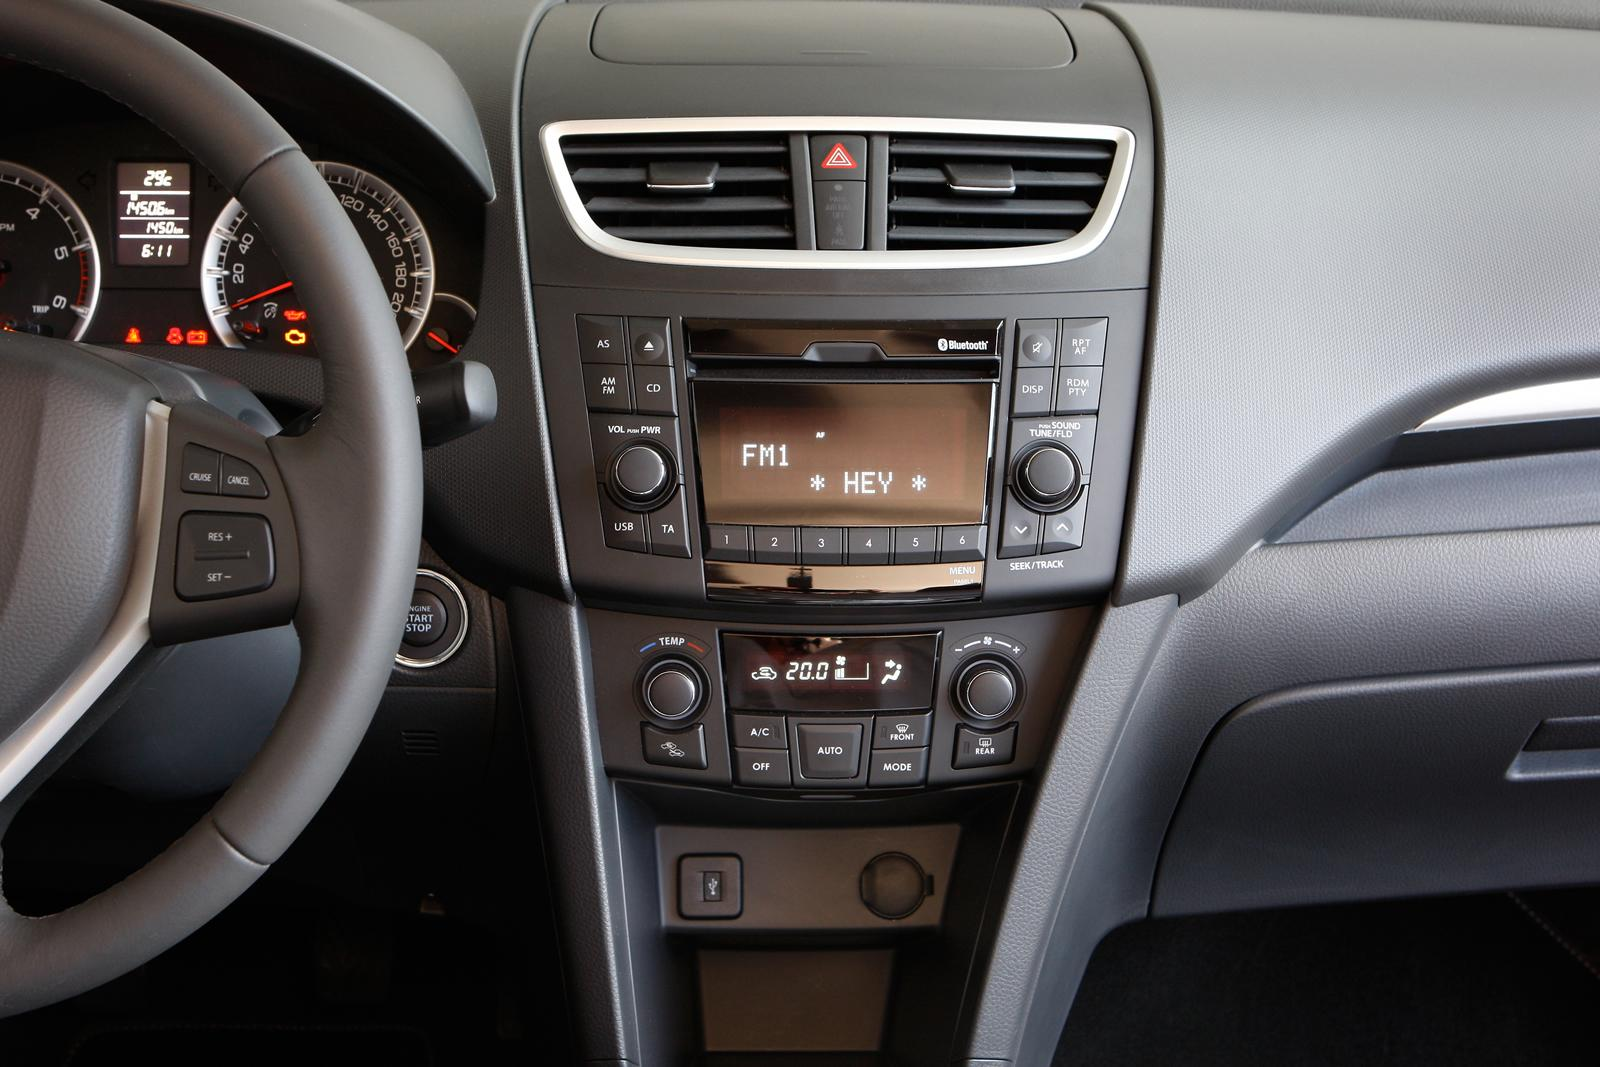 2010 Toyota Corolla For Sale >> SUZUKI Swift 3 Doors - 2010, 2011, 2012, 2013 - autoevolution